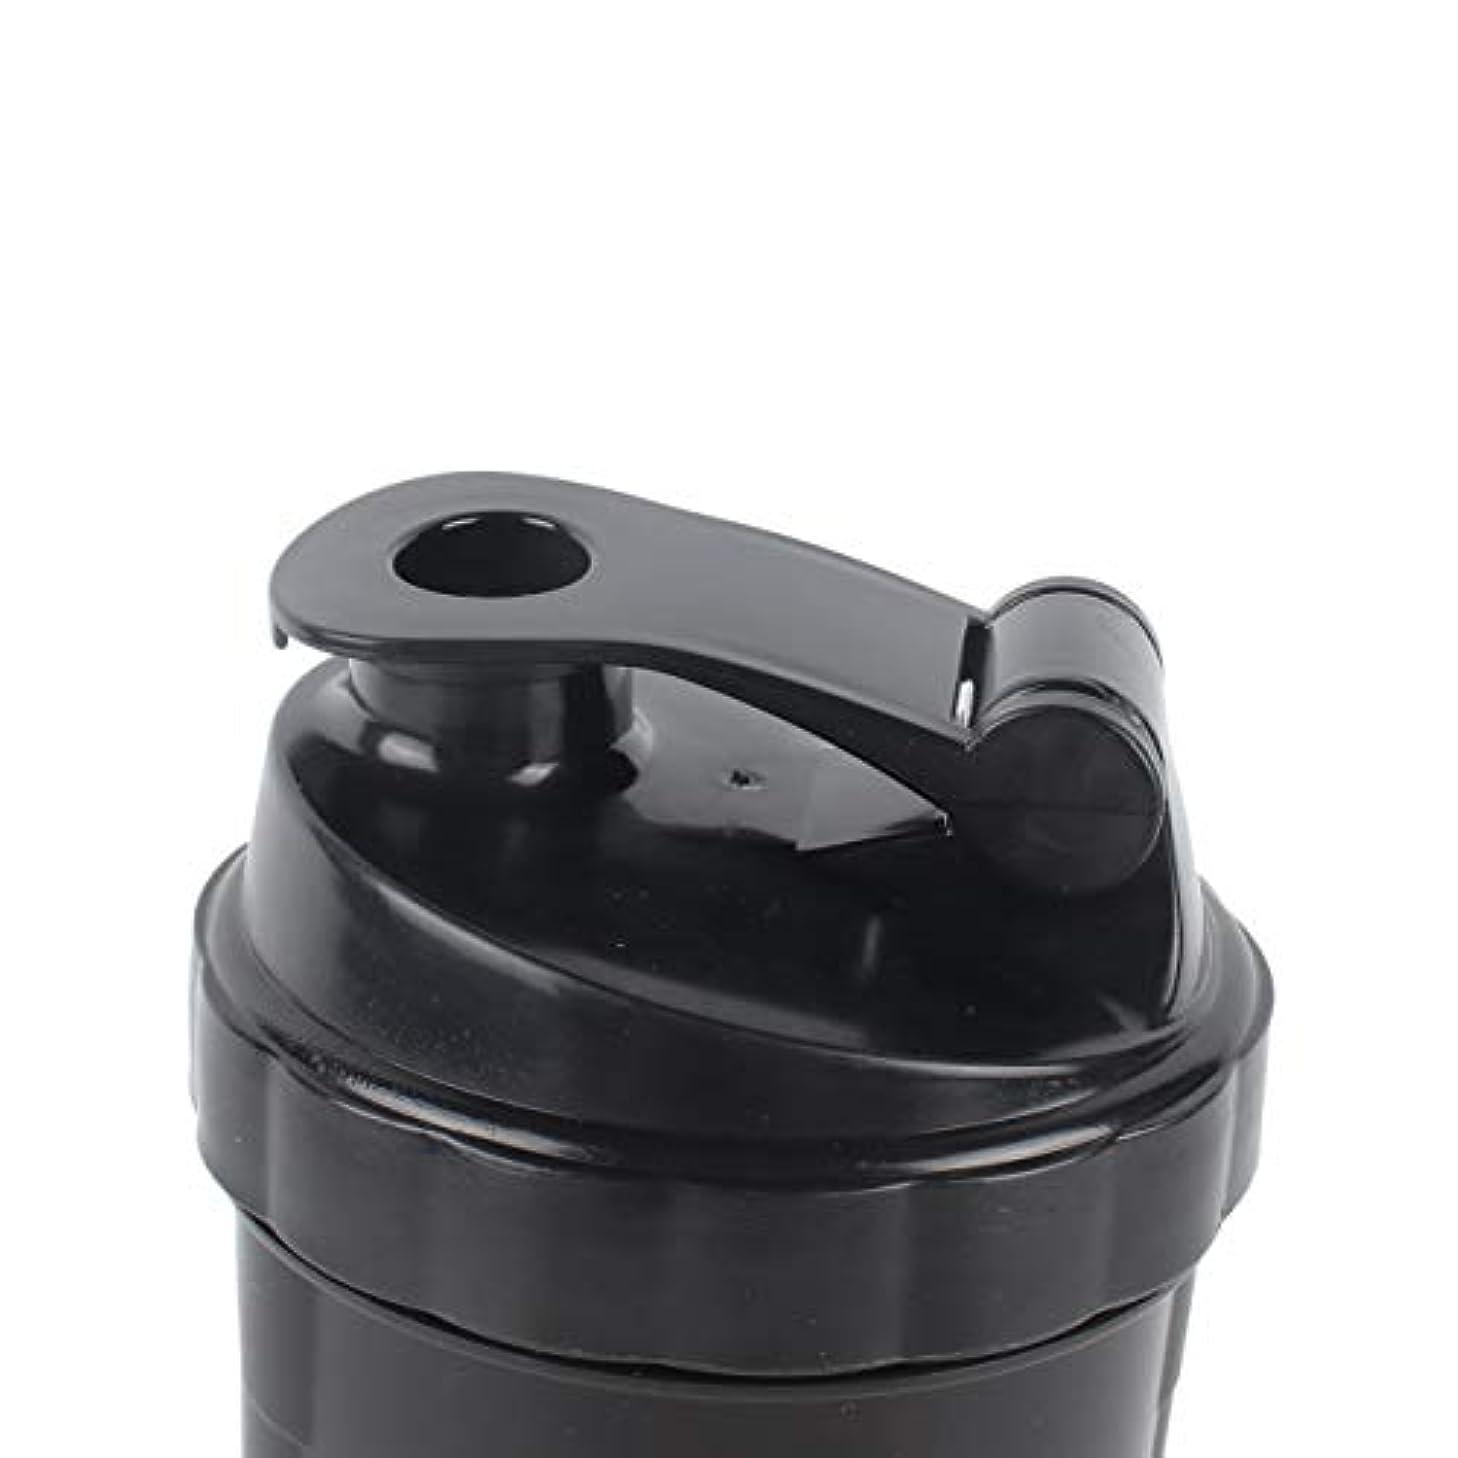 硫黄クリエイティブやさしいDeeploveUU ポータブルジムプロテインシェーカーミキサーボトルポータブルスポーツランニングジョギング泡立て器ボールシェーカーボトル